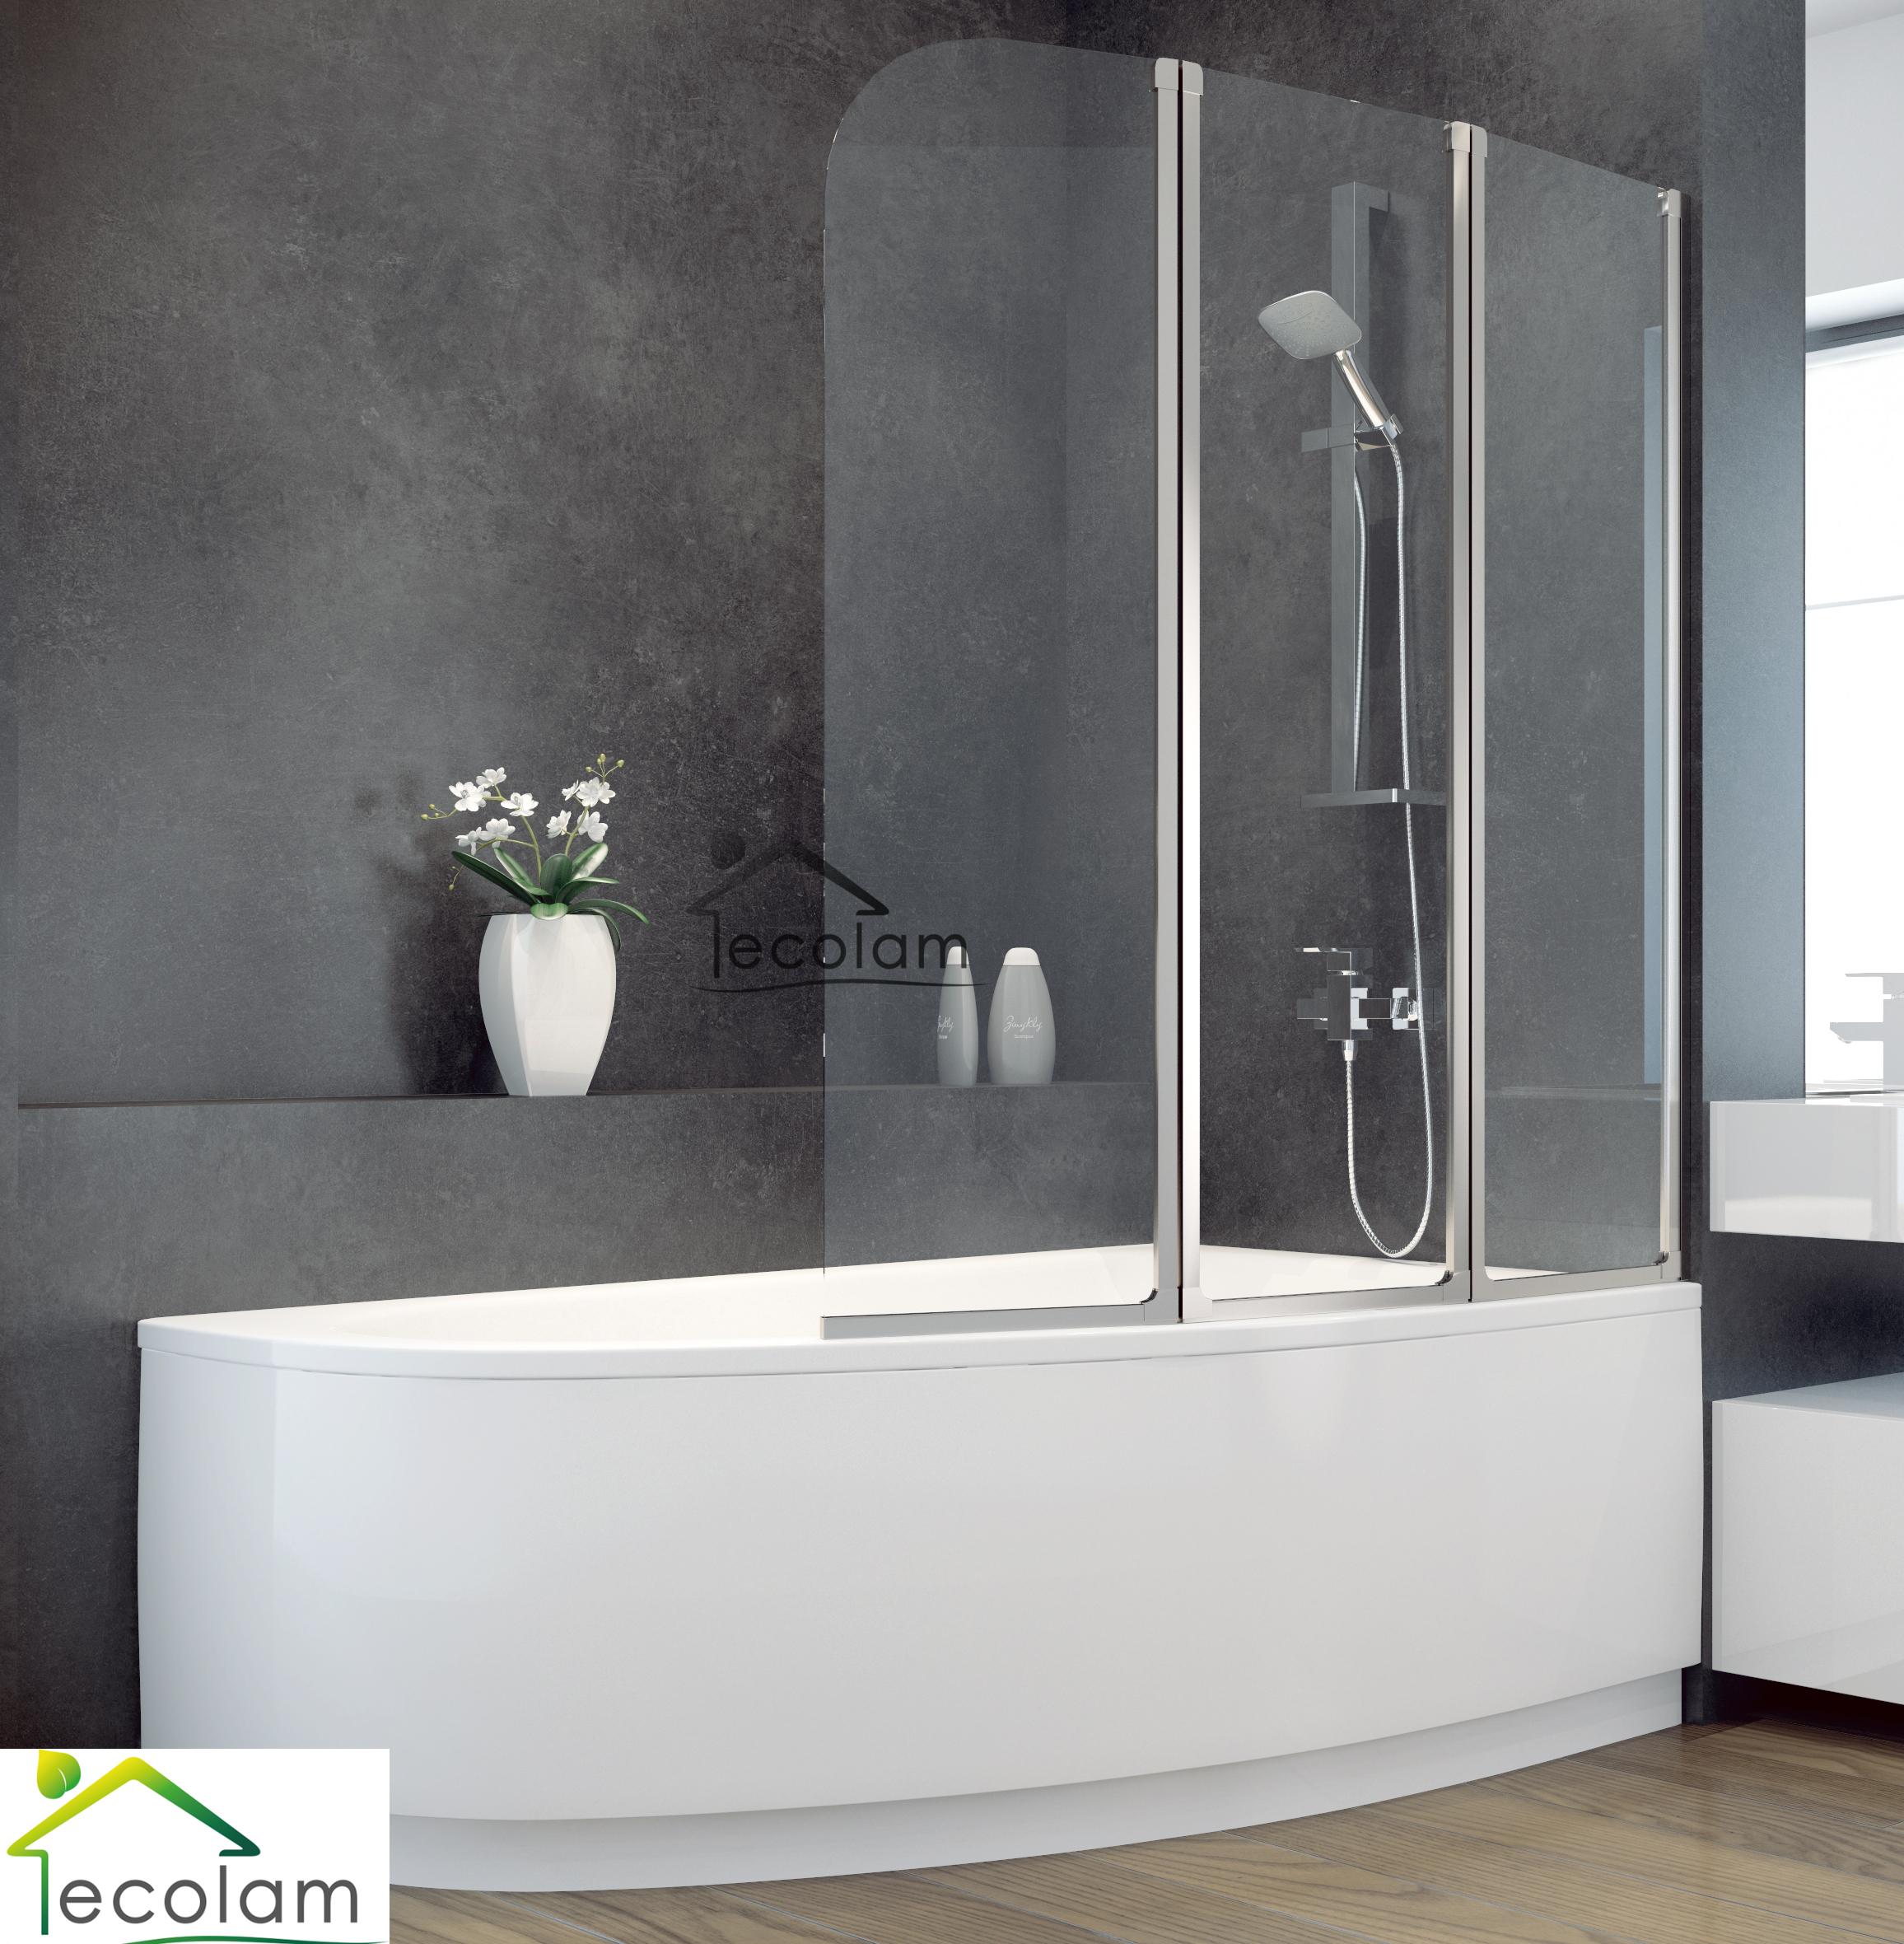 badewanne badewannenabtrennung duschwand glas eckwanne 140 x 80 cm rechts ebay. Black Bedroom Furniture Sets. Home Design Ideas